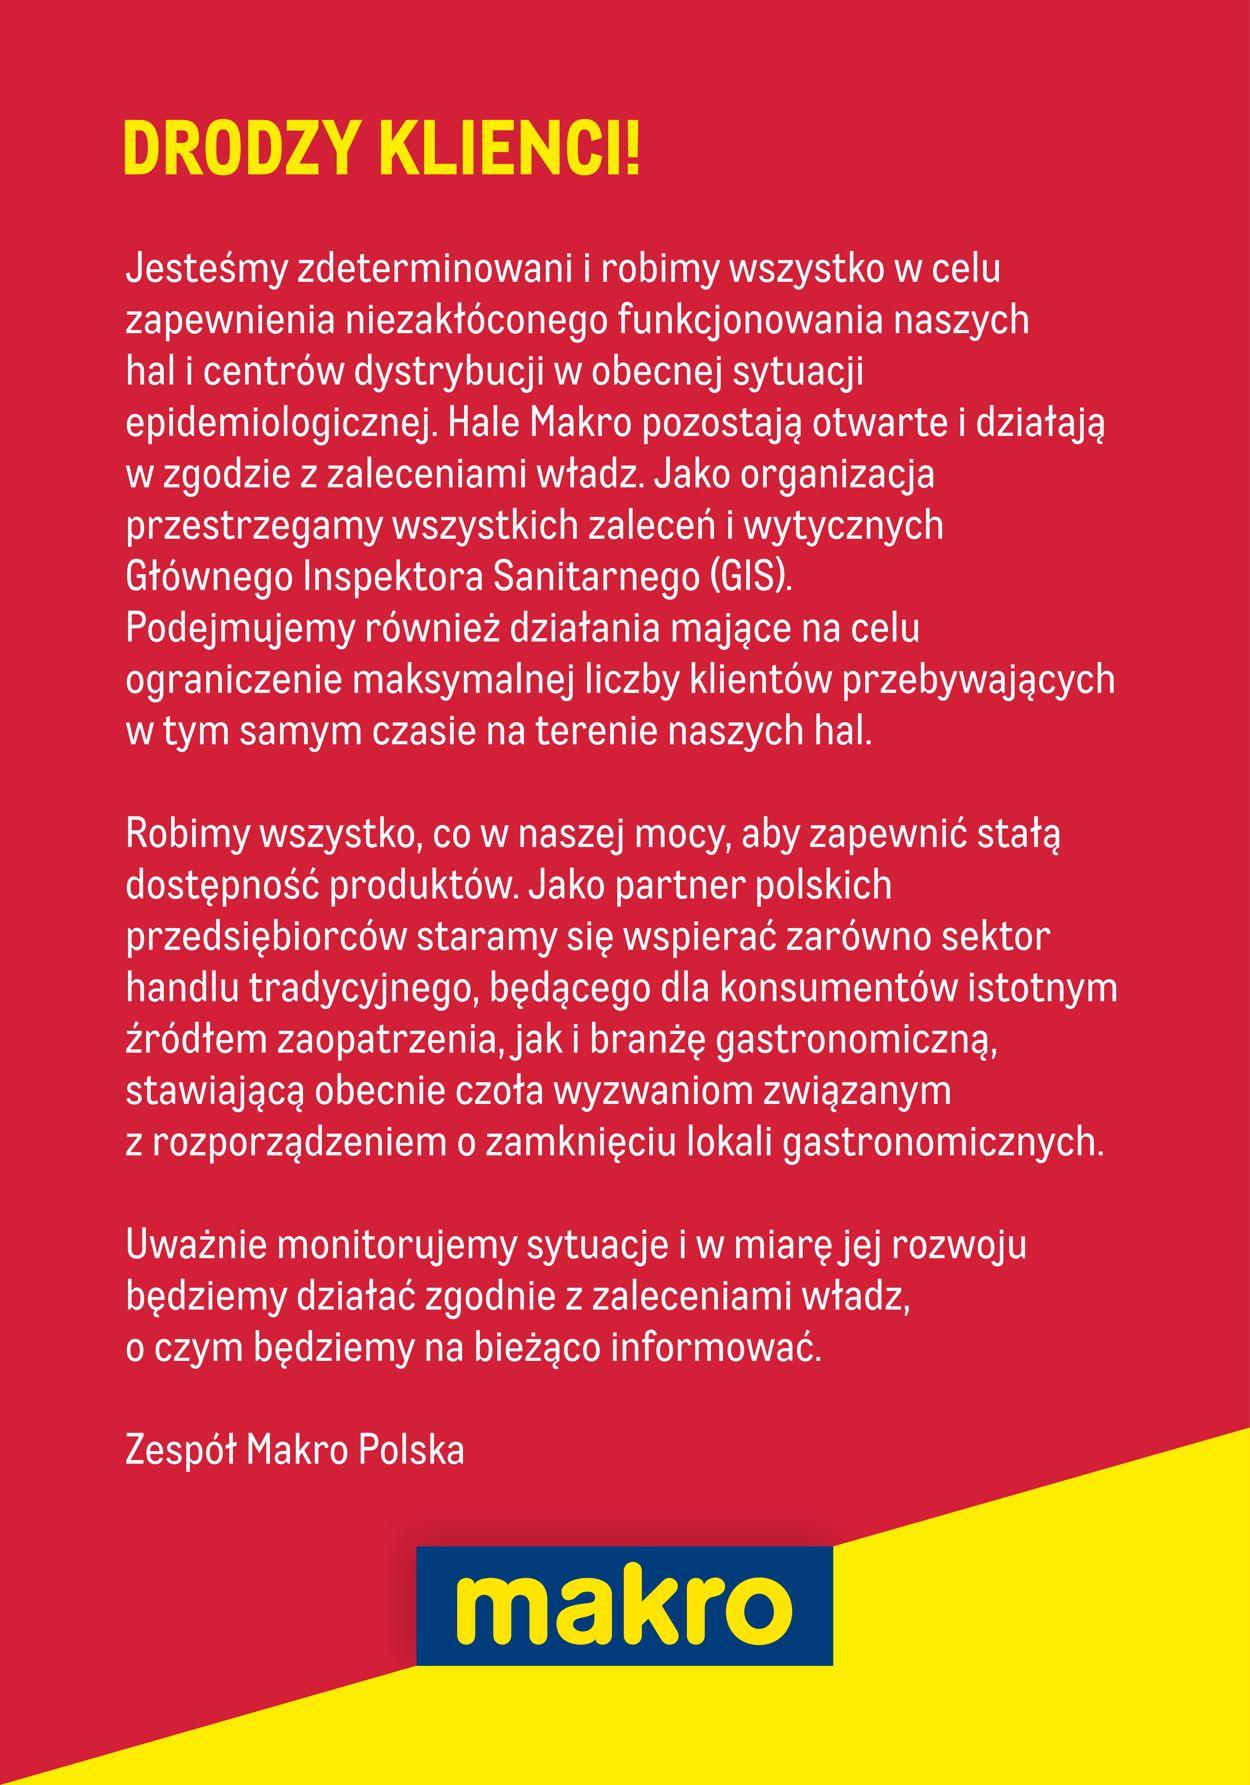 Gazetka promocyjna Makro - 14.03-31.03.2020